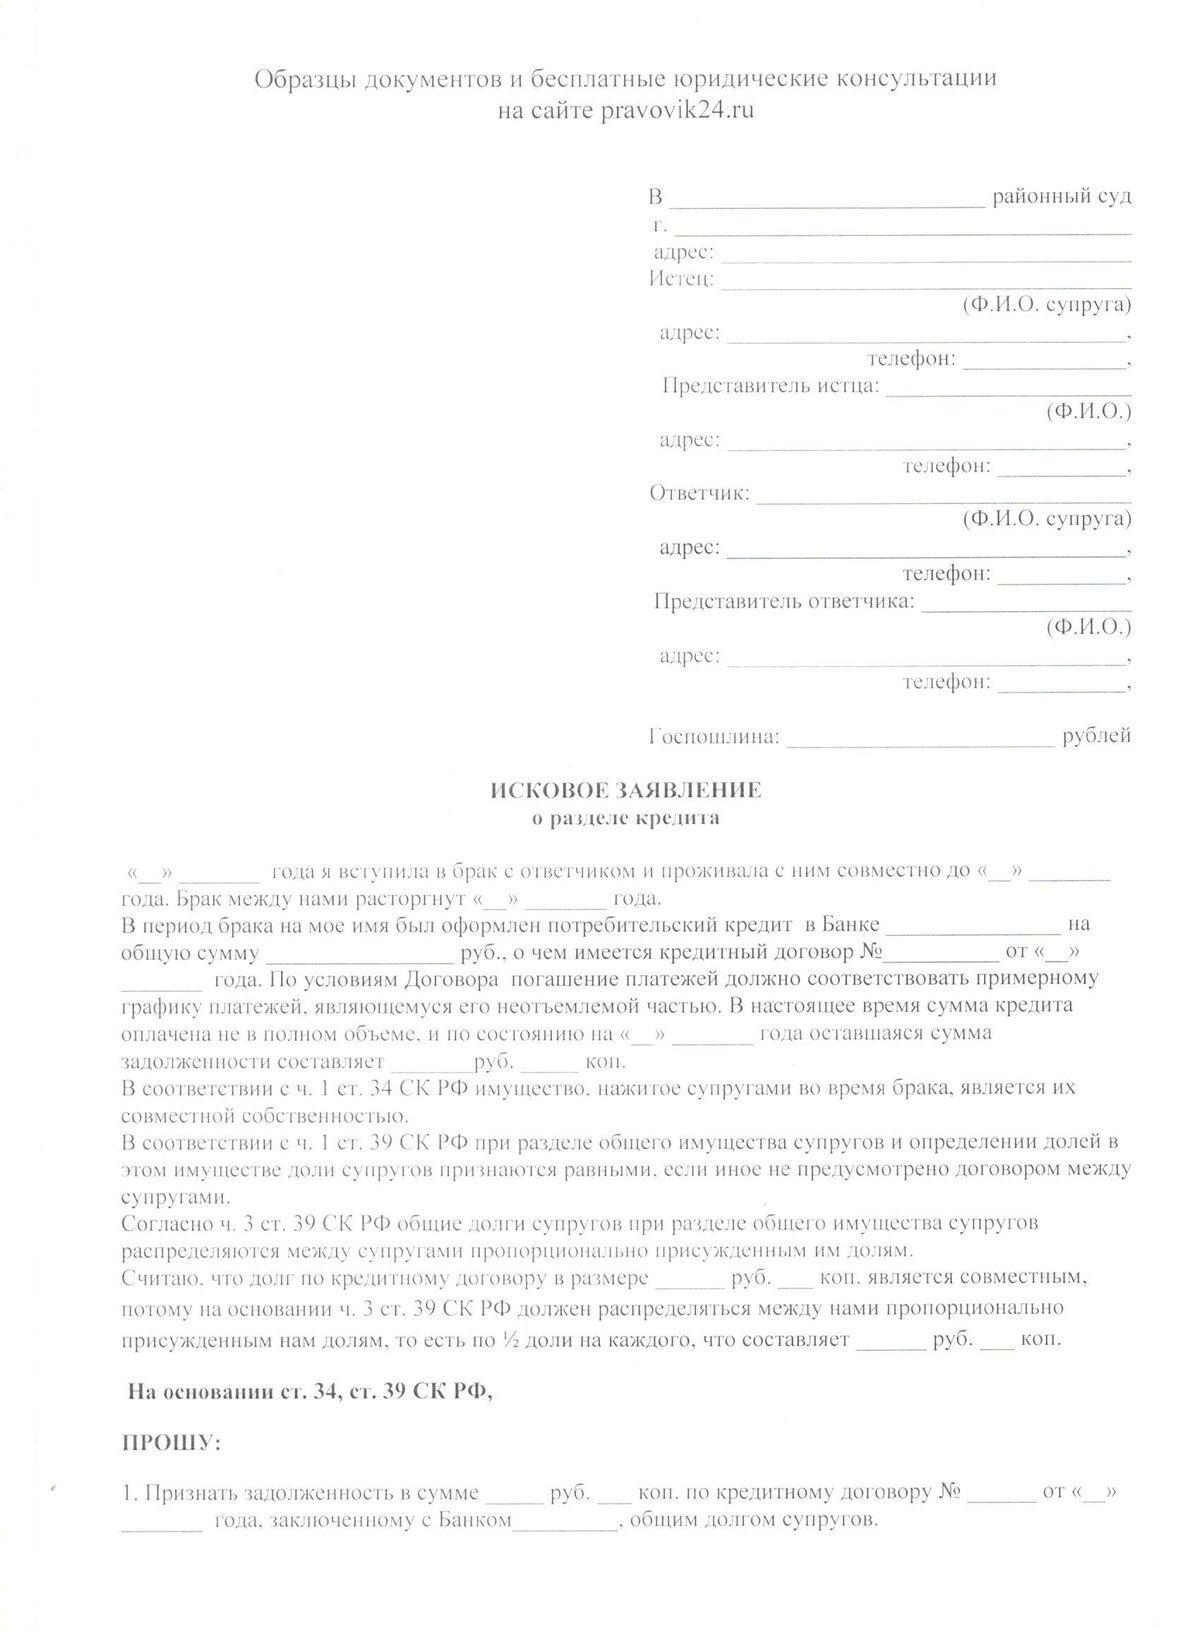 иск о разделе кредитных обязательств